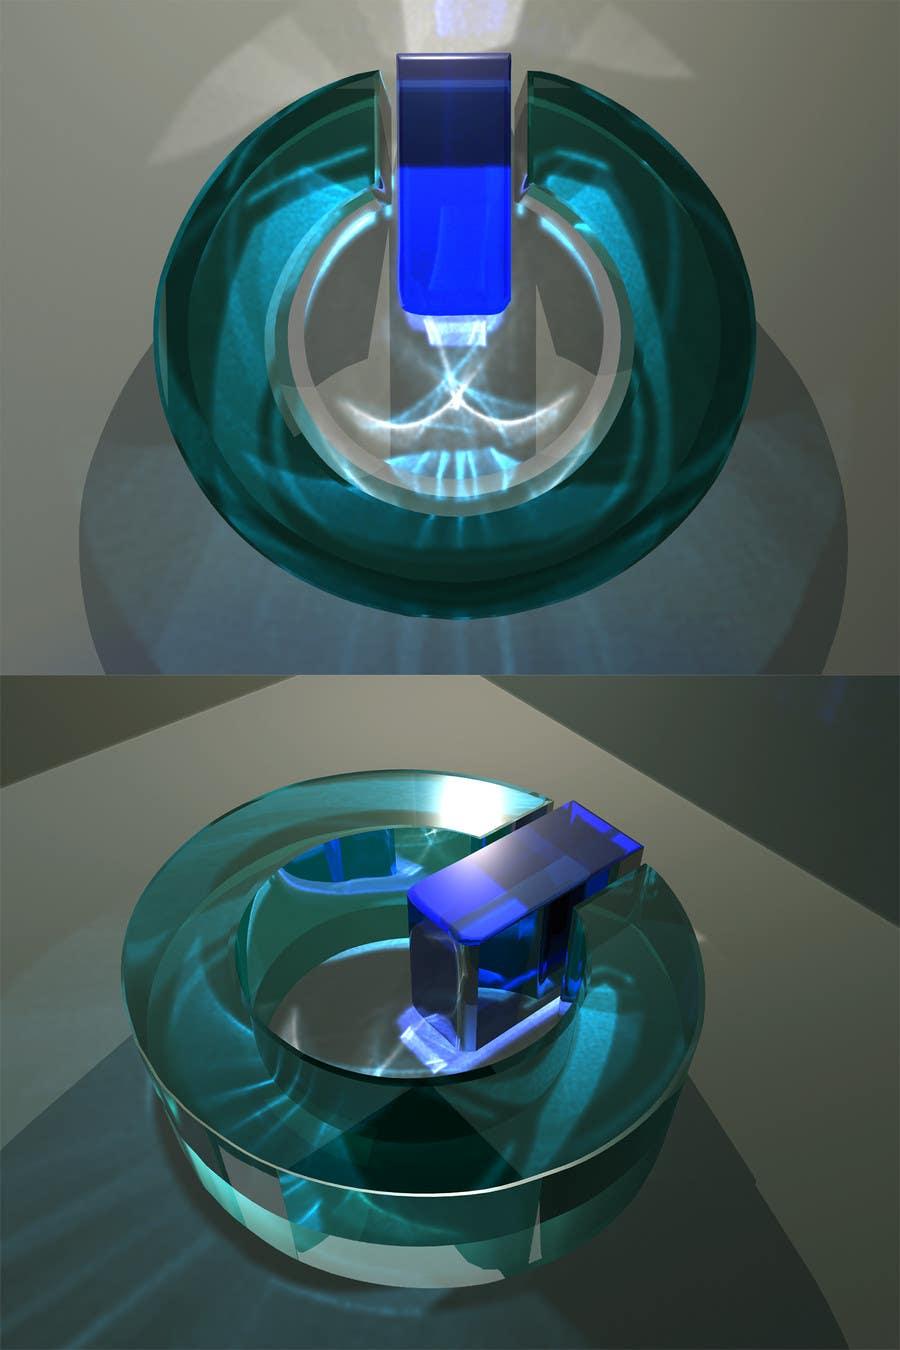 Bài tham dự cuộc thi #                                        97                                      cho                                         Design enhancement in 3D for DALO logo